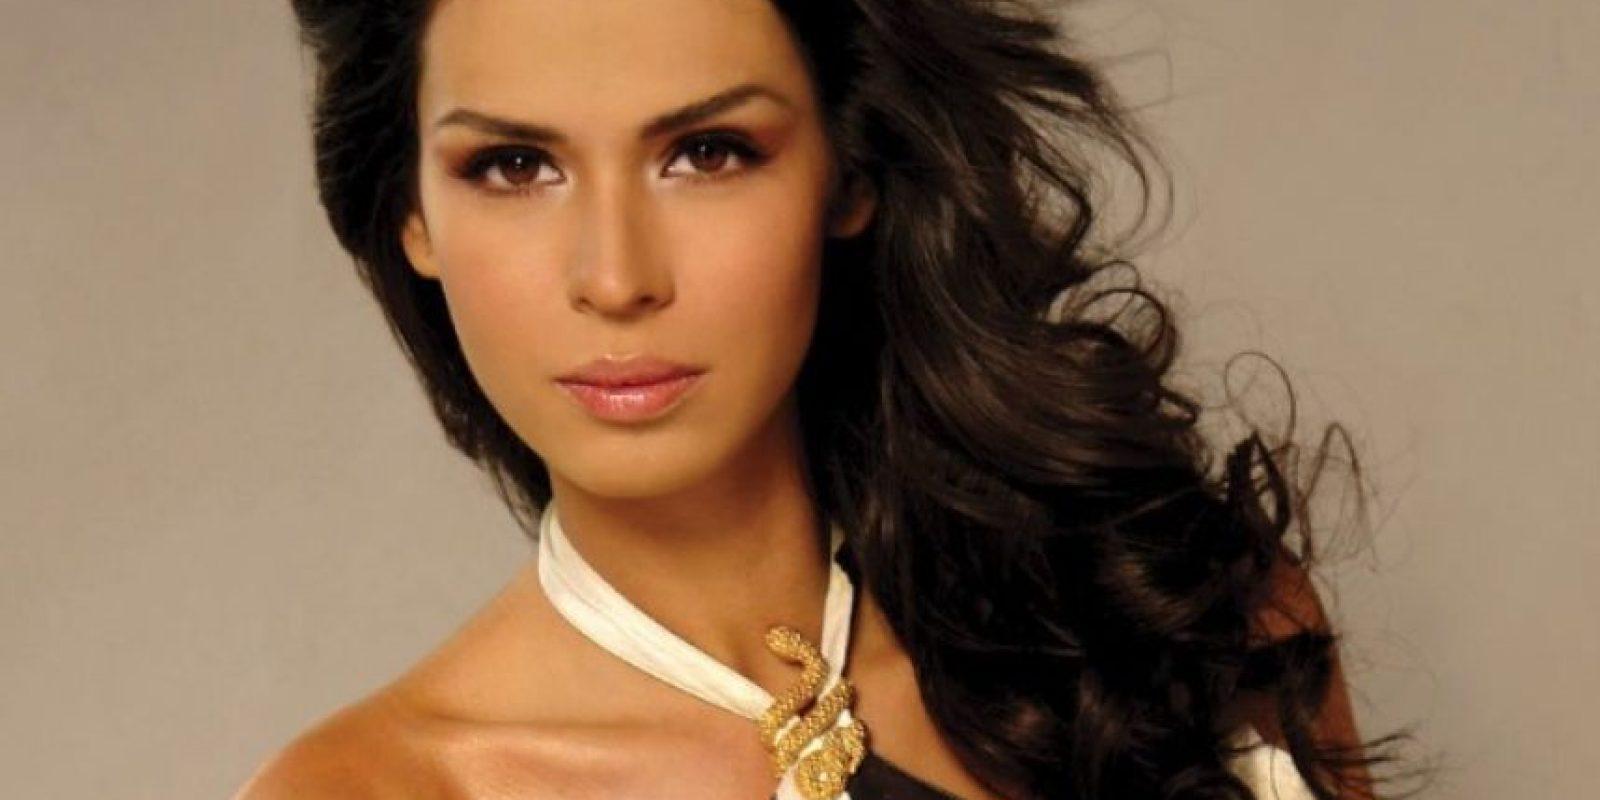 Laura Elena Zúñiga: La Miss Sinaloa 2008 fue detenida junto al presunto jefe el cártel de Juárez, Ángel Orlando García Urquiza. Foto:Urban Freak